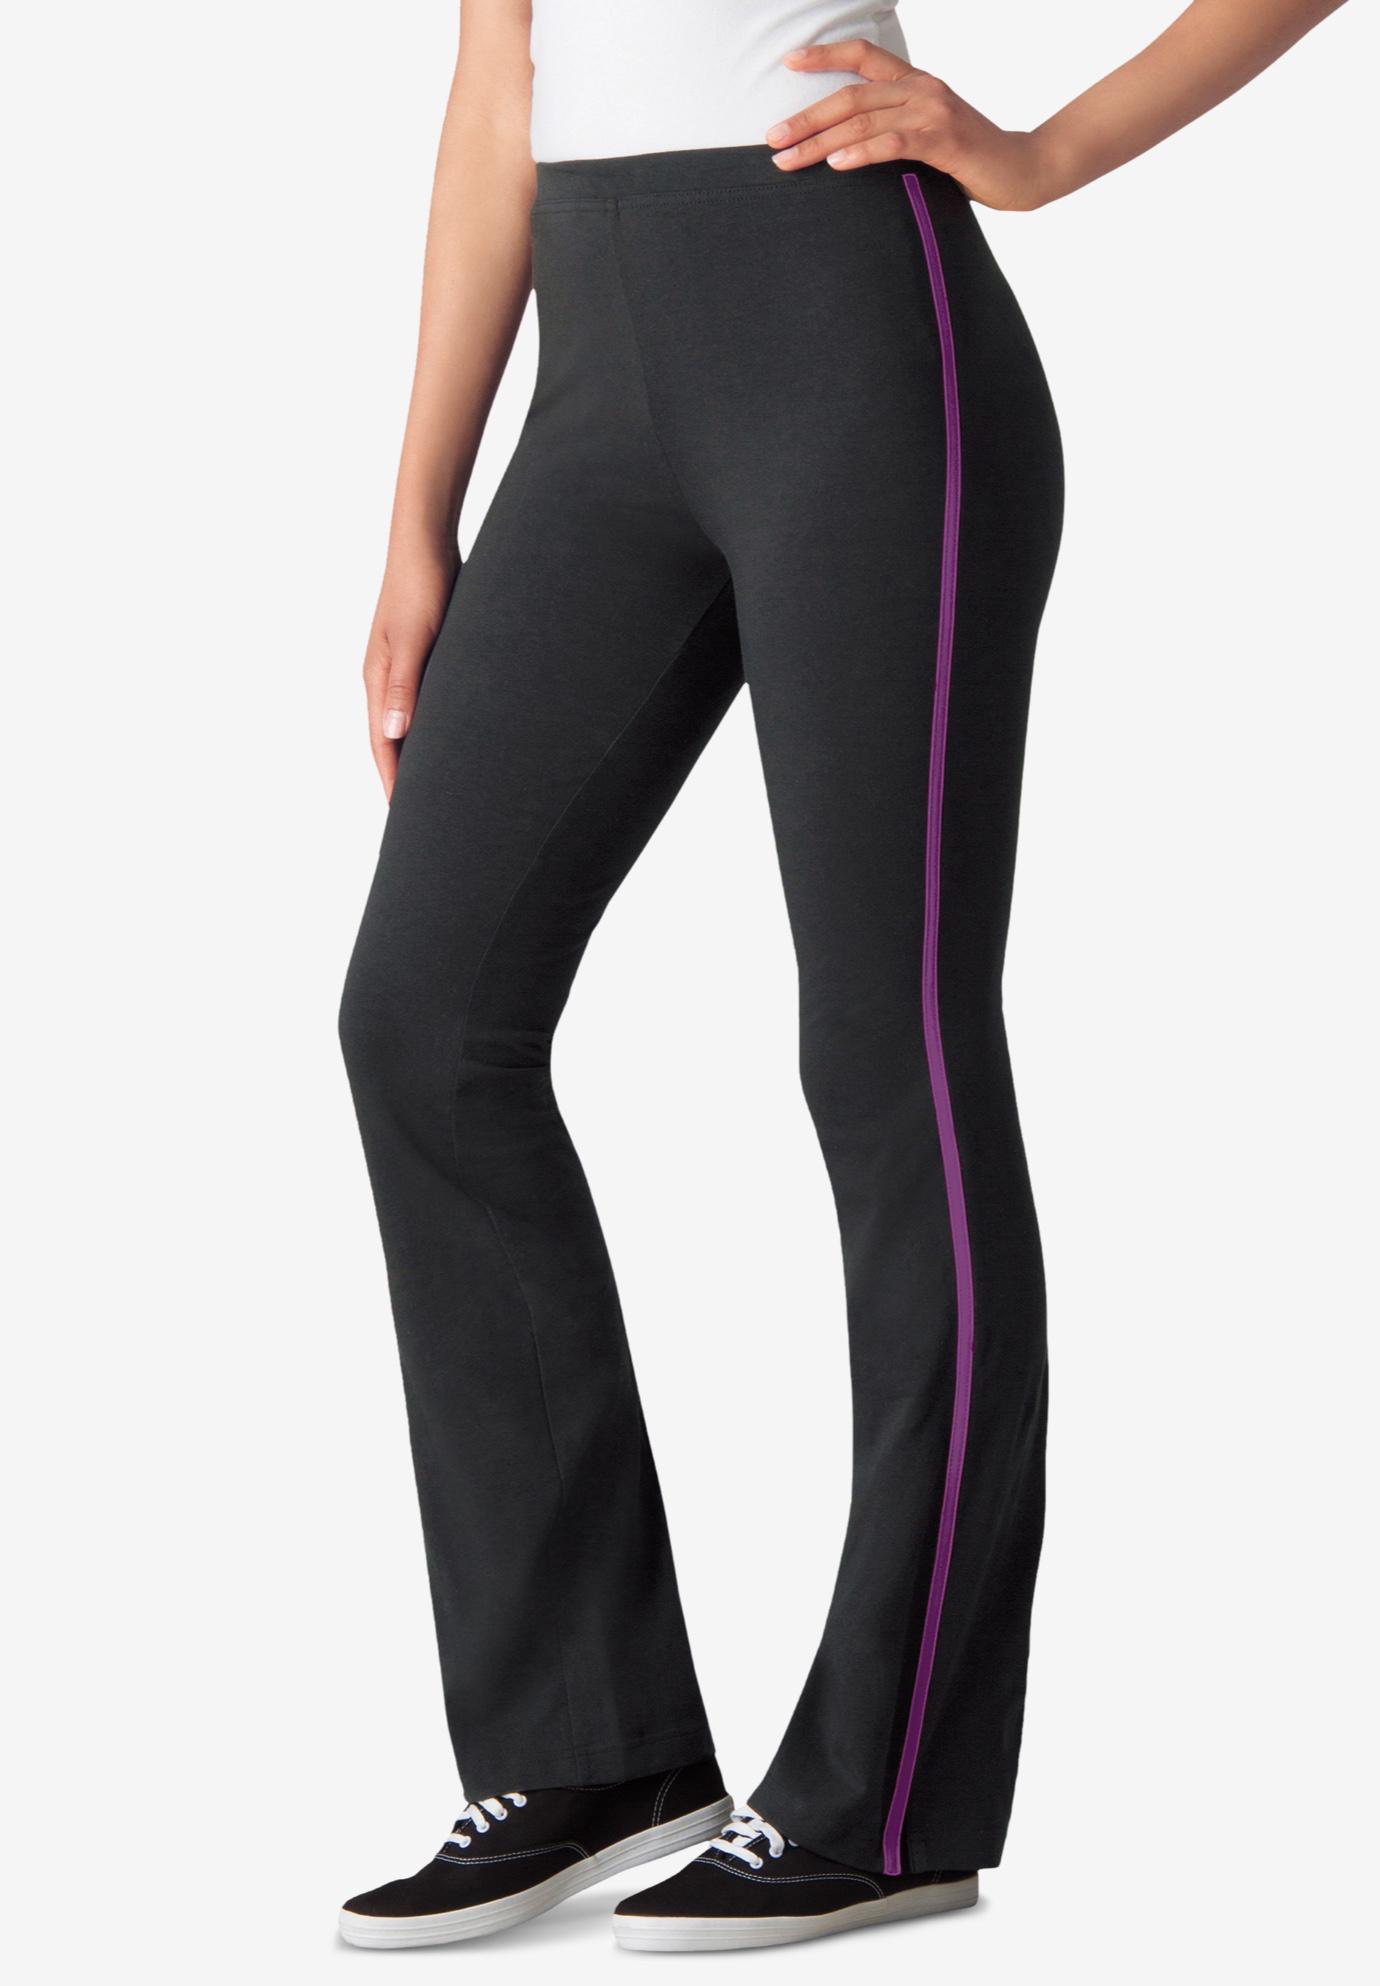 Yoga pants dating site